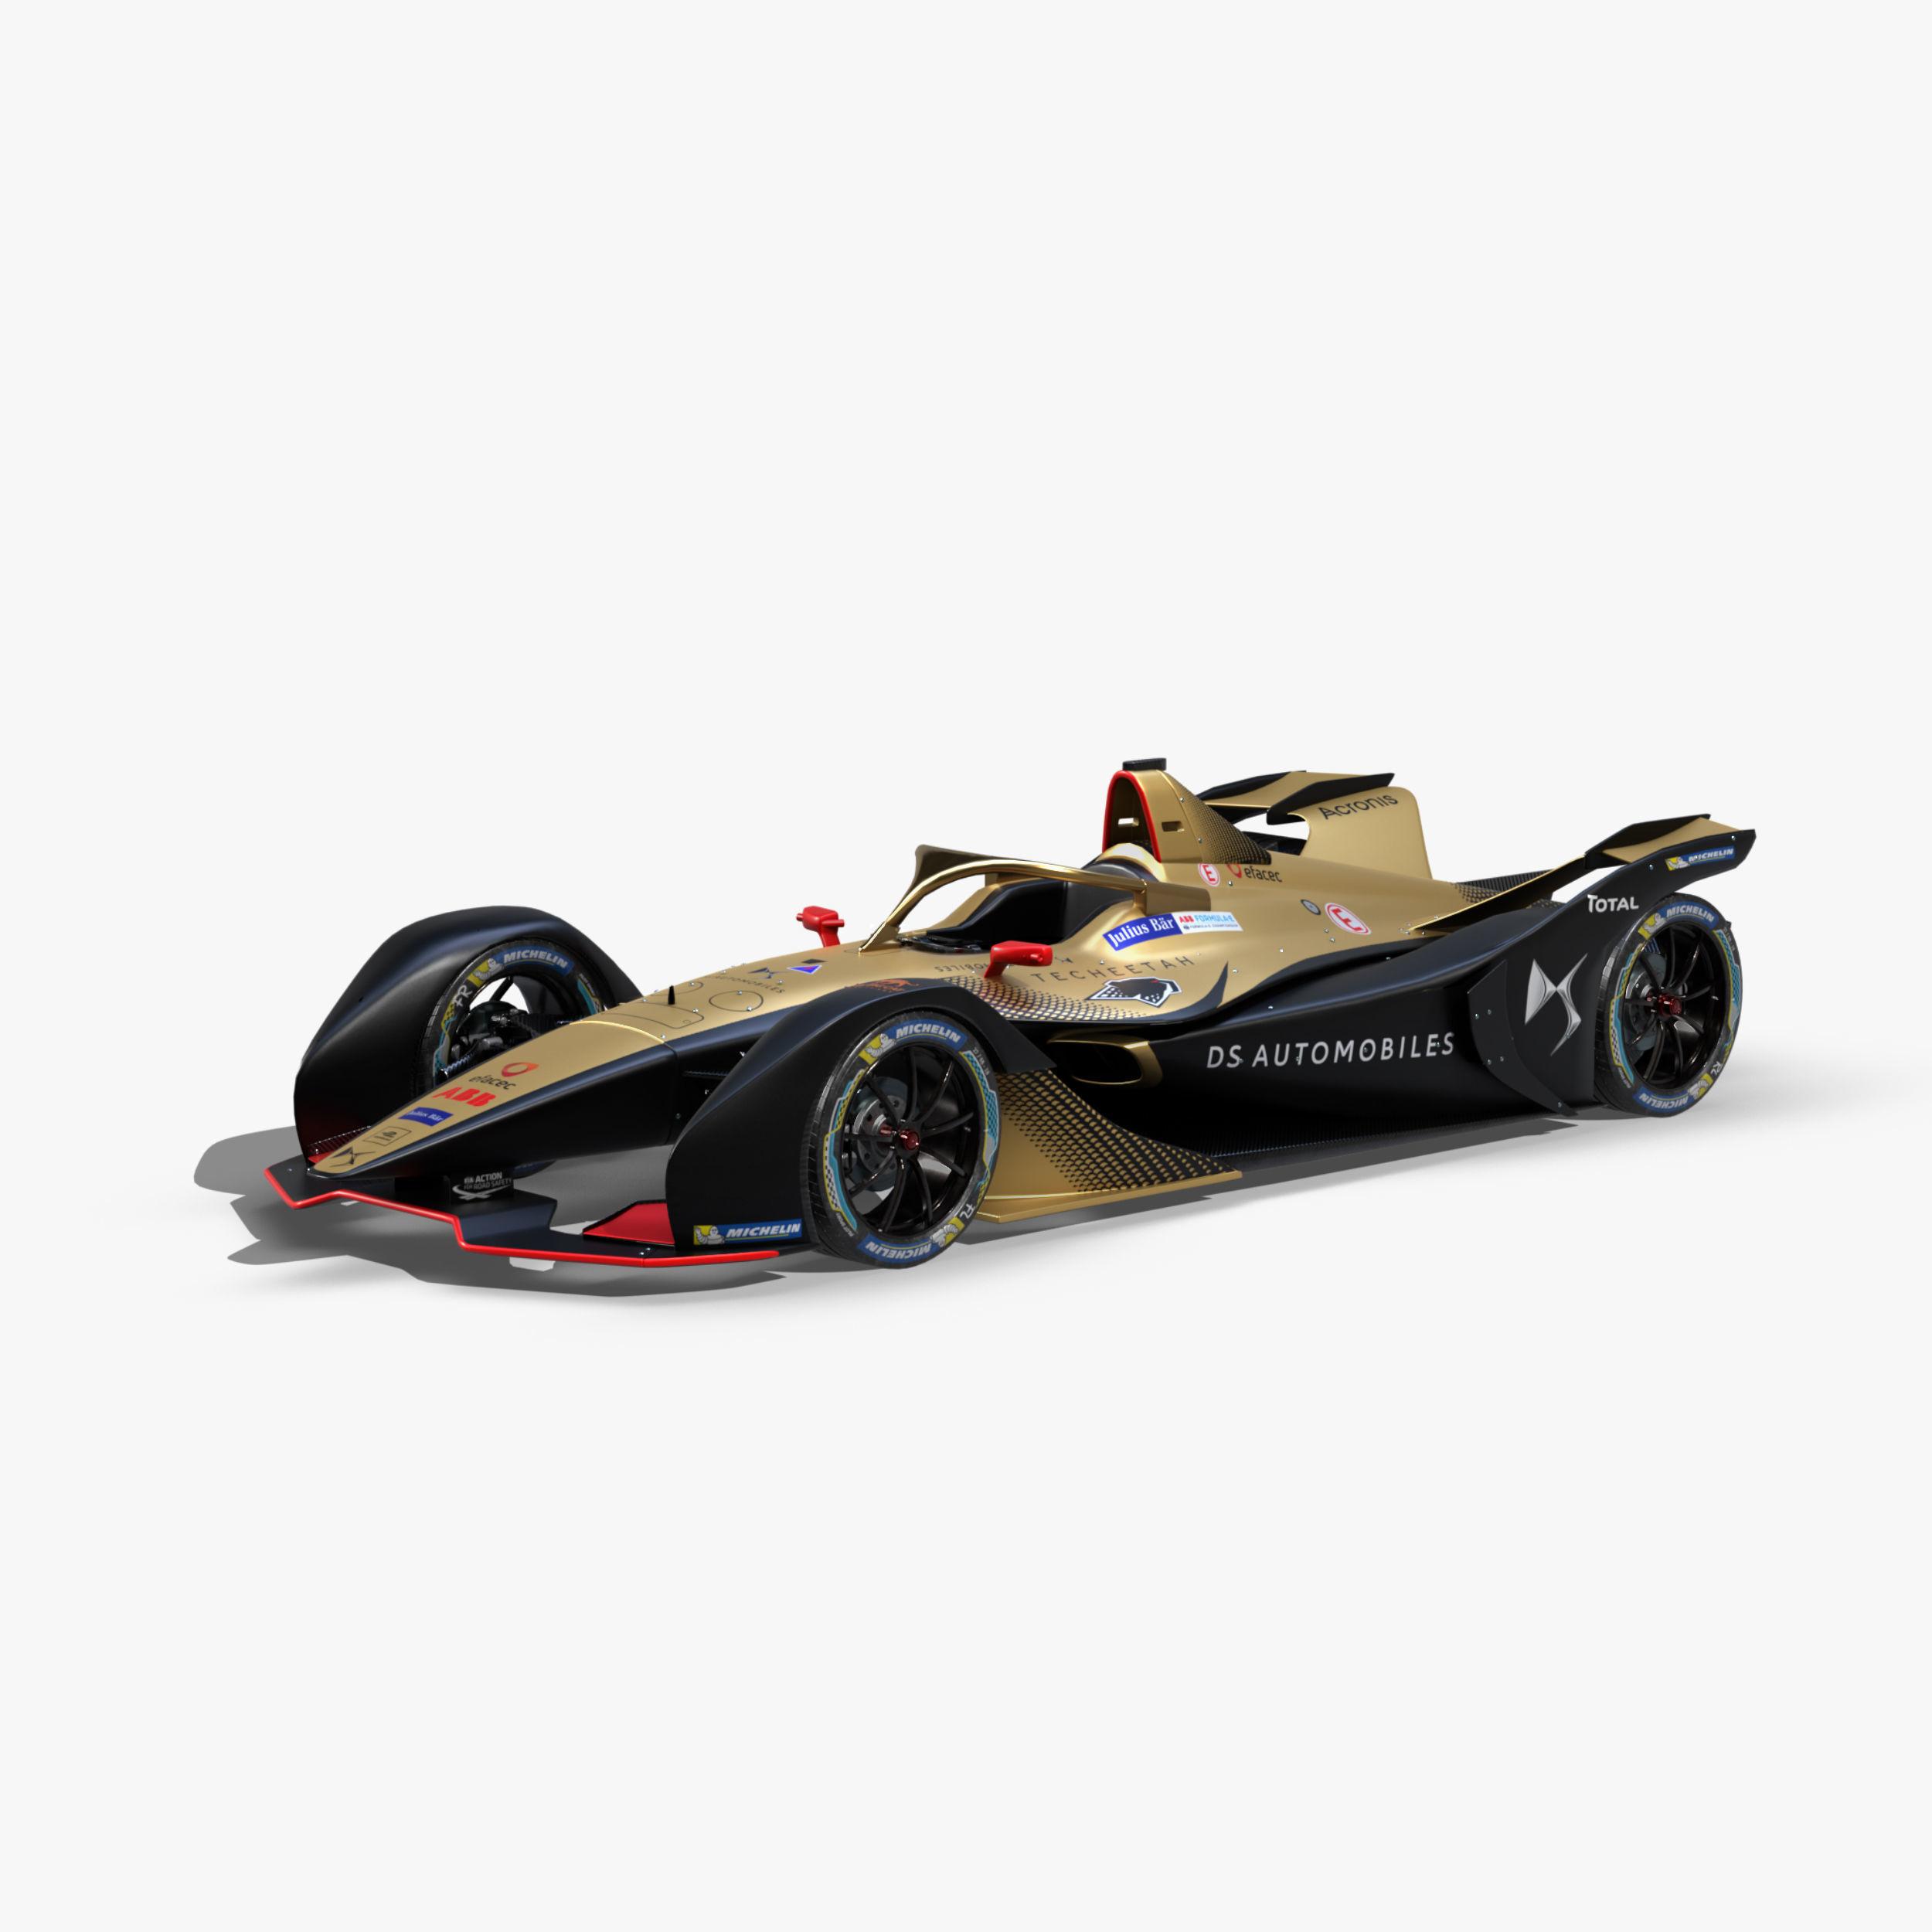 DS Formula E 2020